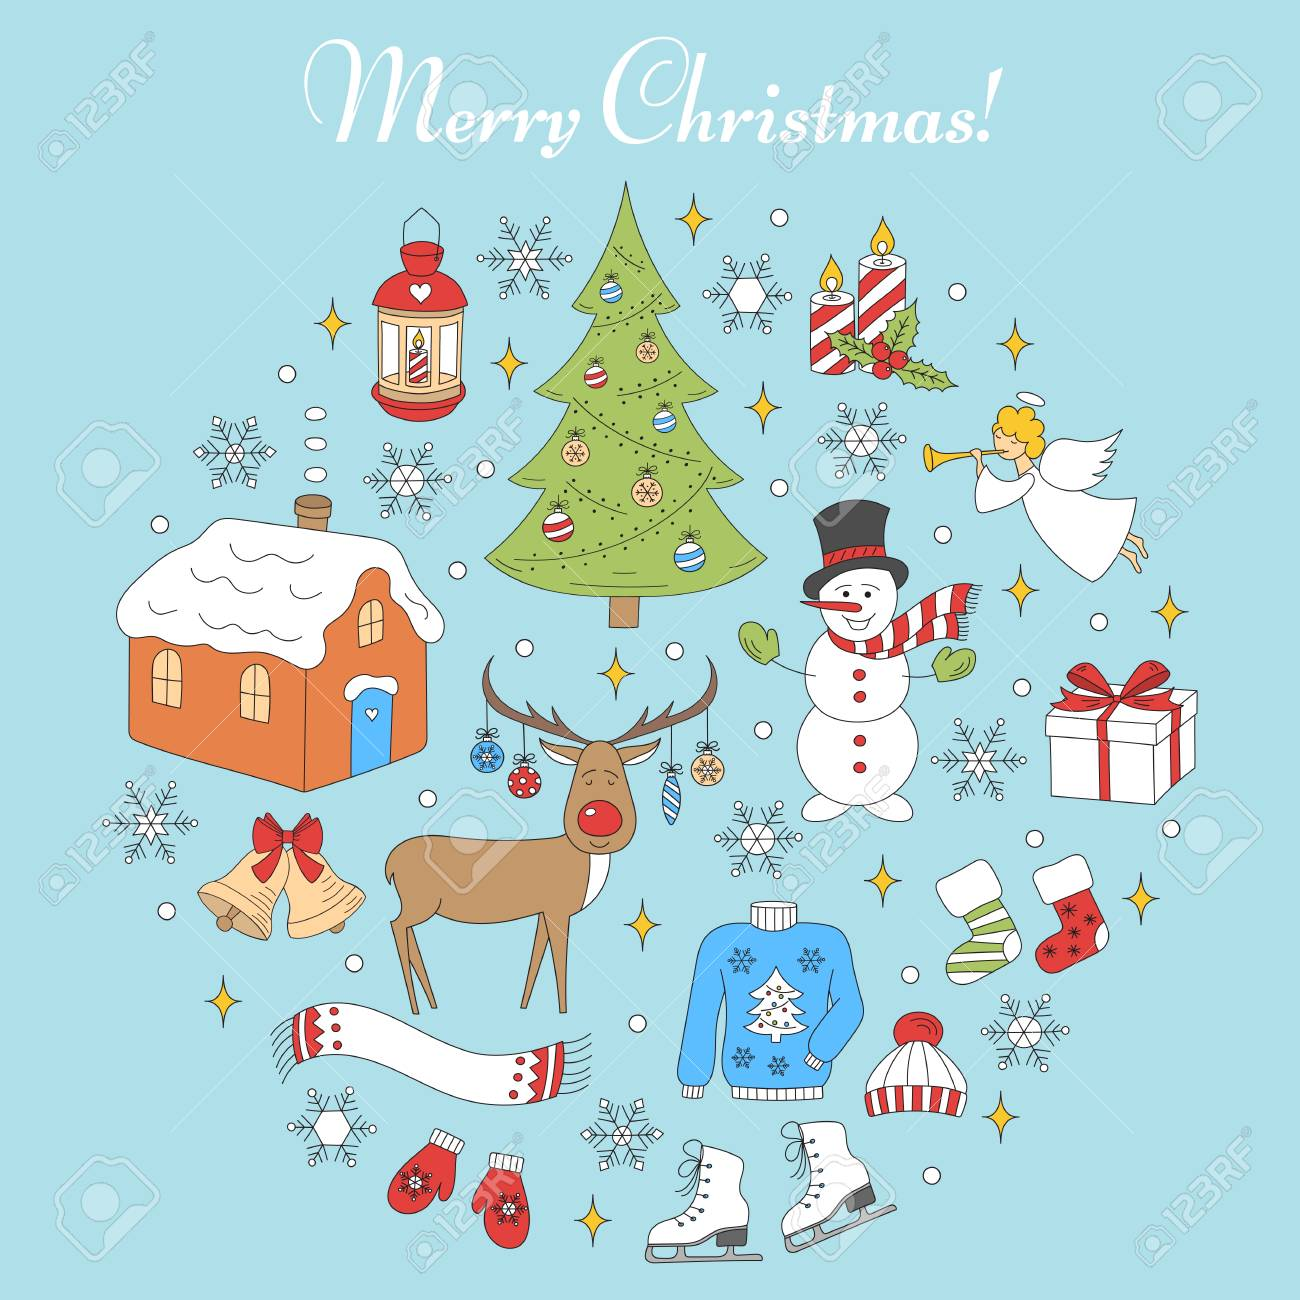 クリスマスと新年のホリデー アイコン セットはベクトル イラスト手描きクリスマス ツリートナカイ雪だるま雪の結晶天使キャンドル村の家鐘ランタン分離ソックス